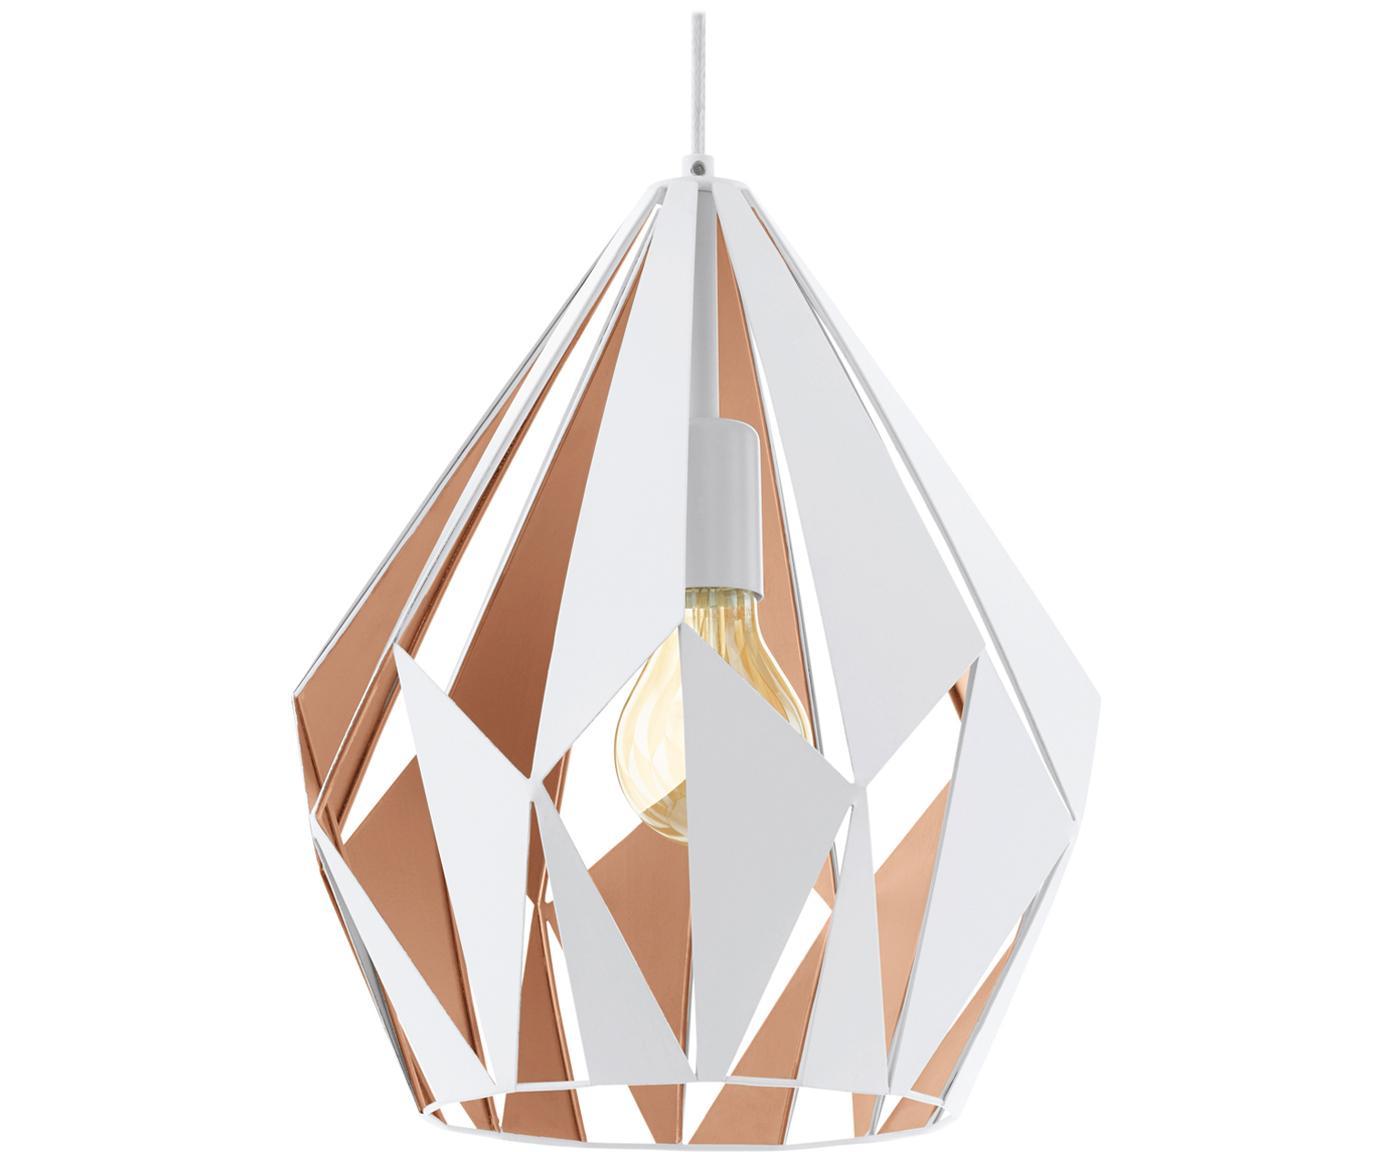 Skandi-Pendelleuchte Carlton, Stahl, lackiert, Aussen: Weiss Innen: Roségoldfarben, Ø 31 x H 40 cm